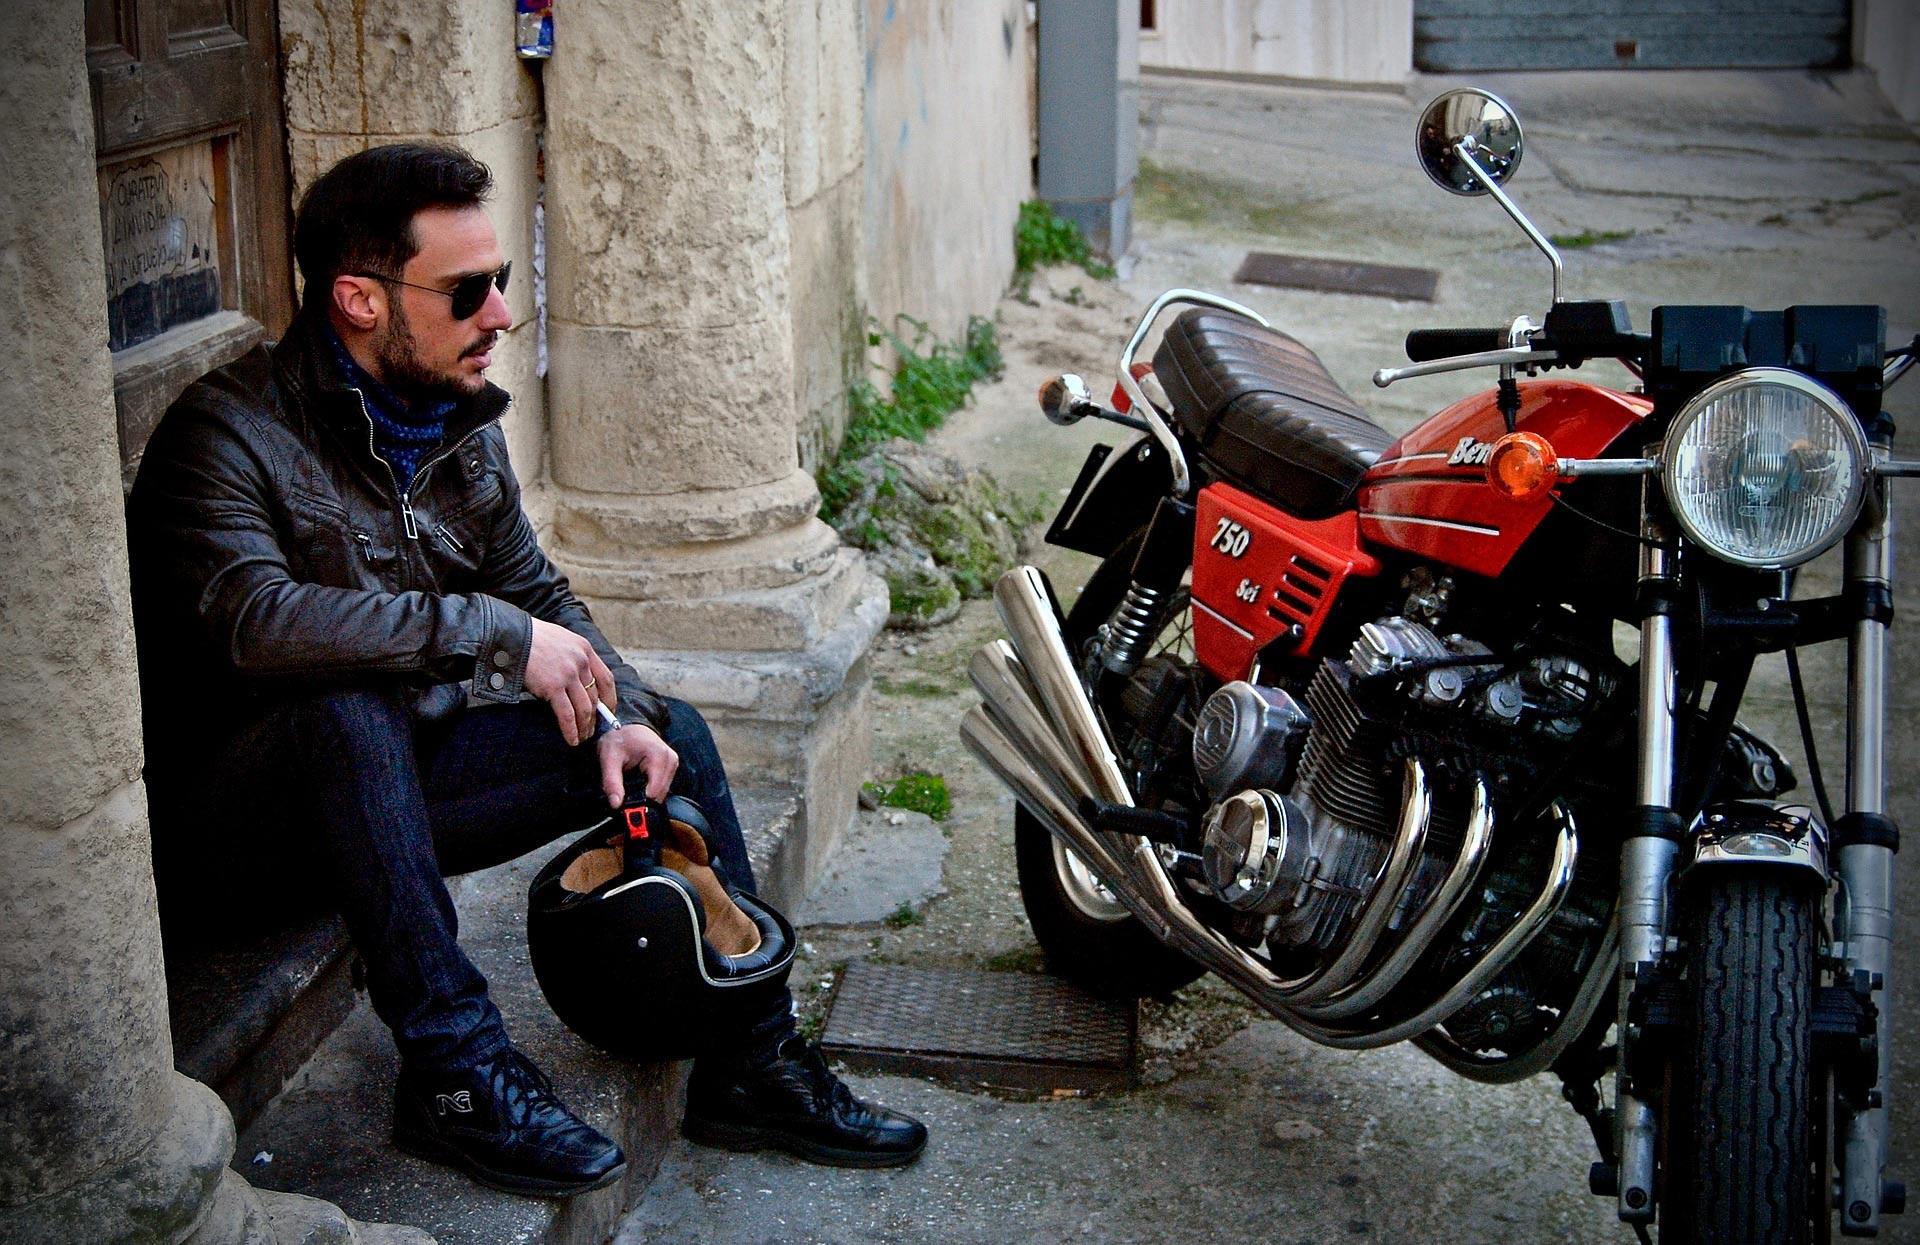 compar chaqueta de moto barata